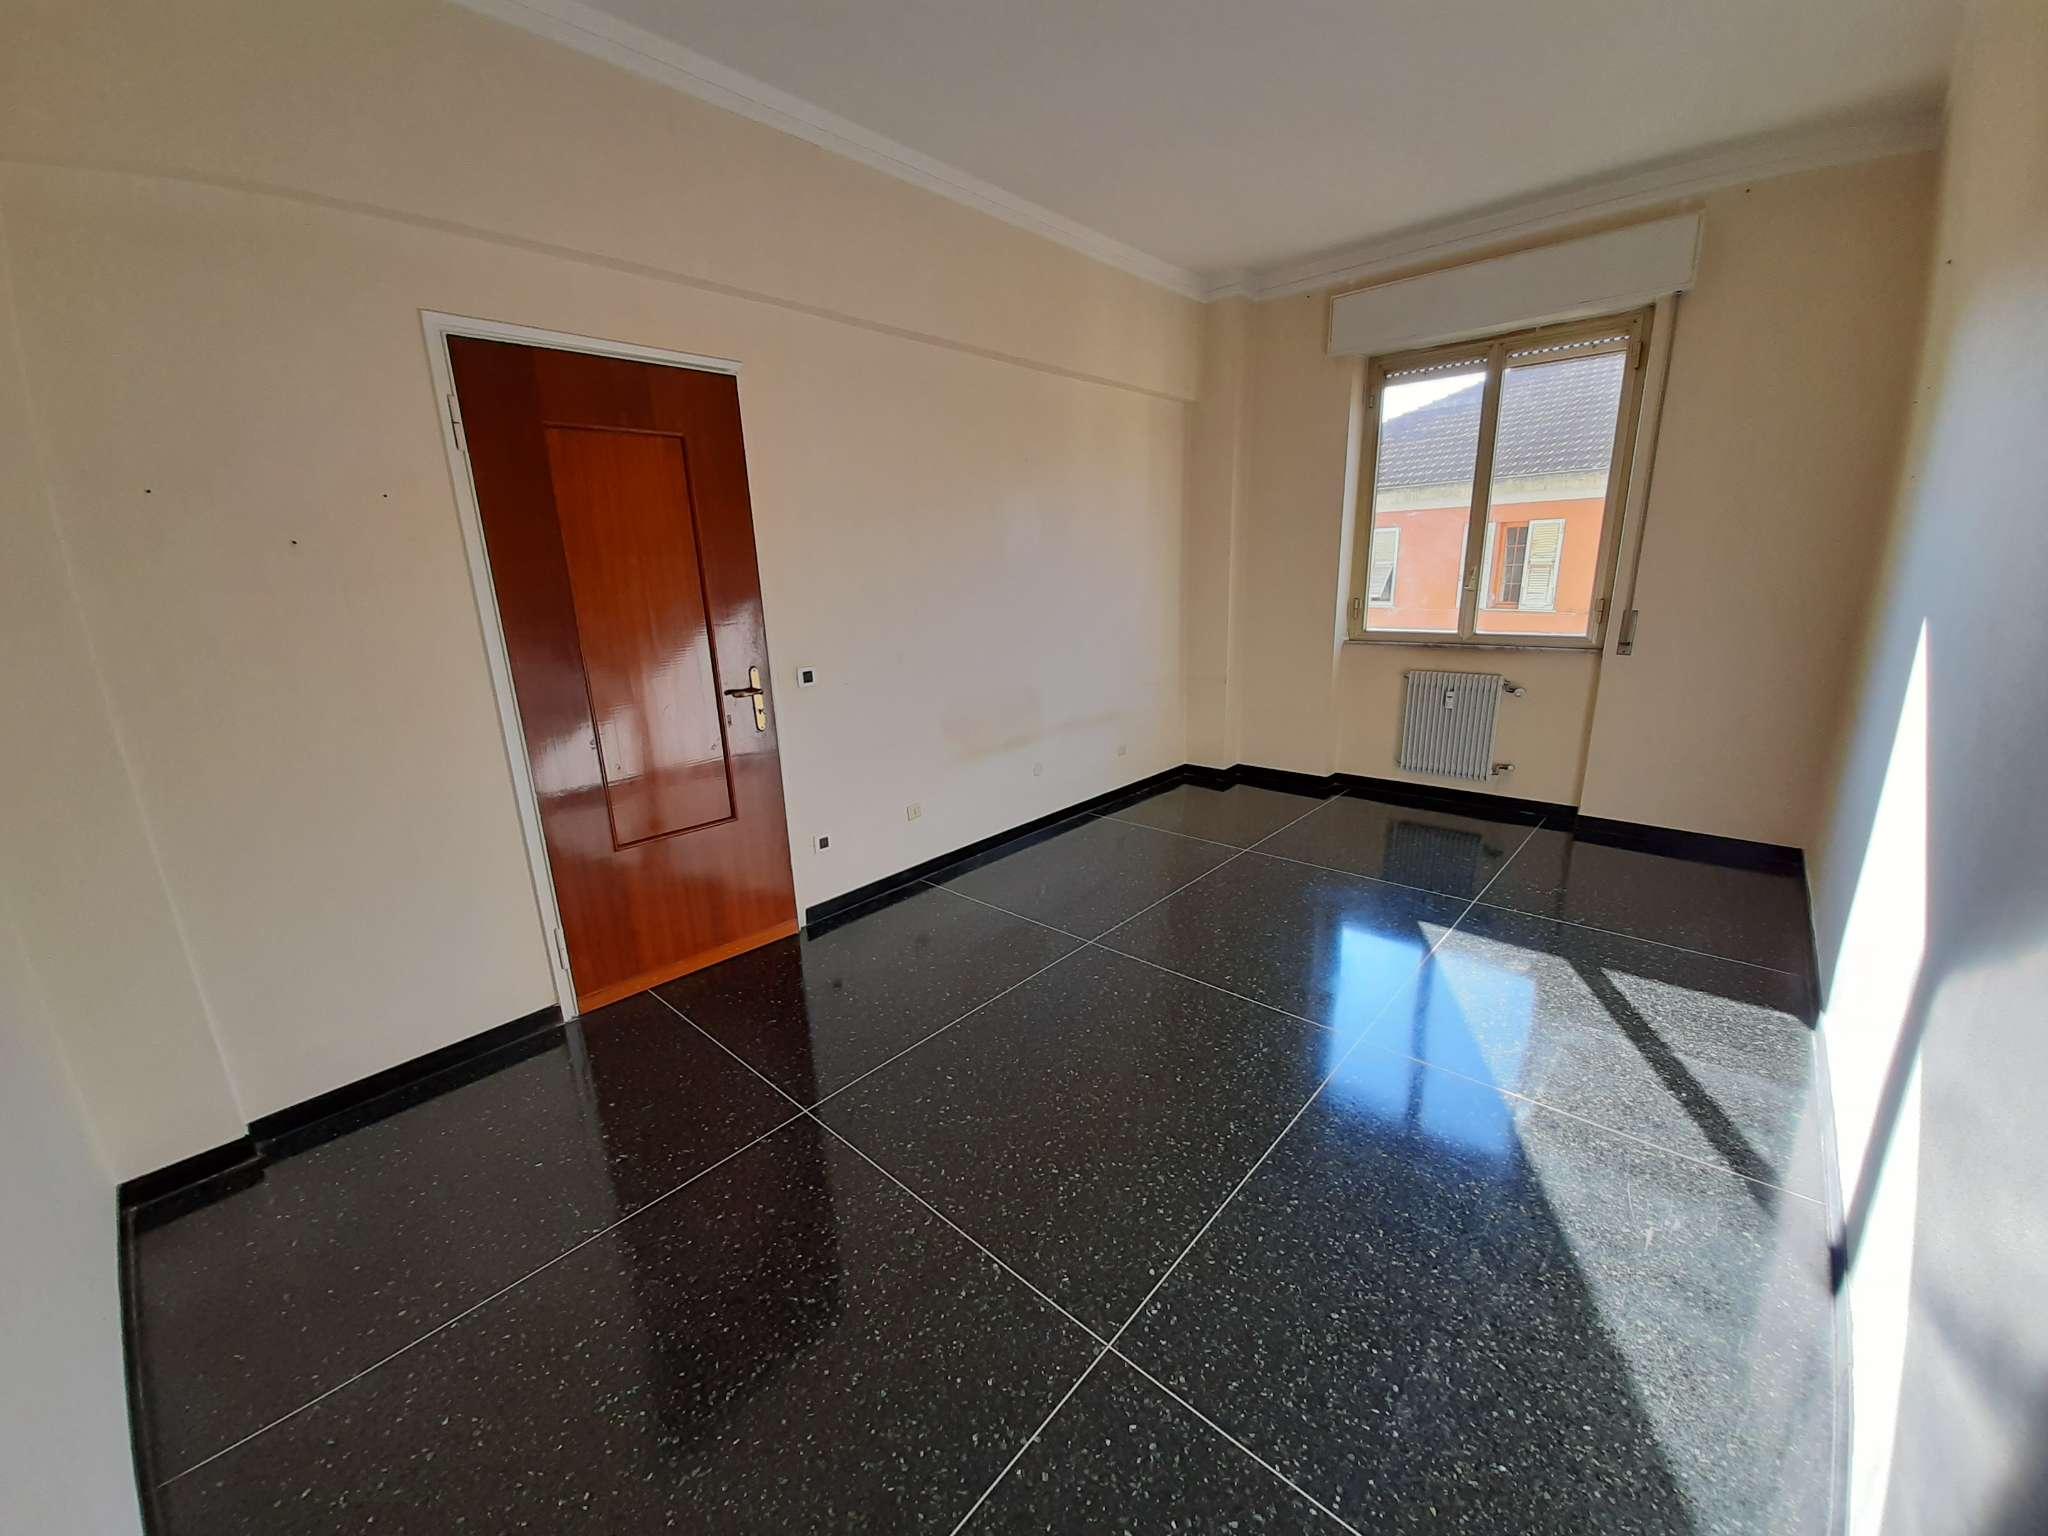 Appartamento in affitto a Genova, 3 locali, zona Pontedecimo, prezzo € 400 | PortaleAgenzieImmobiliari.it